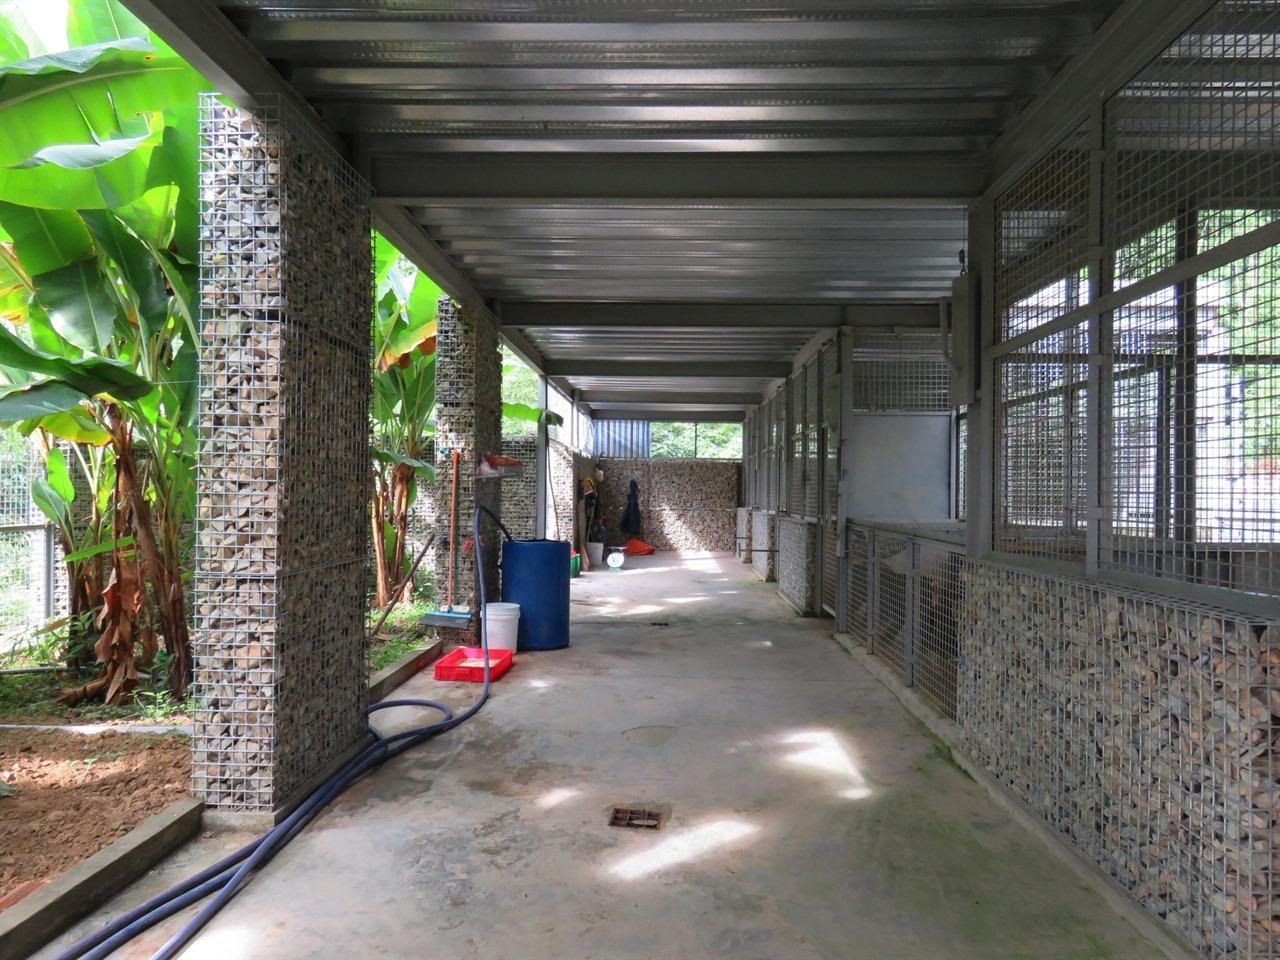 친환경적으로 지어진 베어하우스 내부